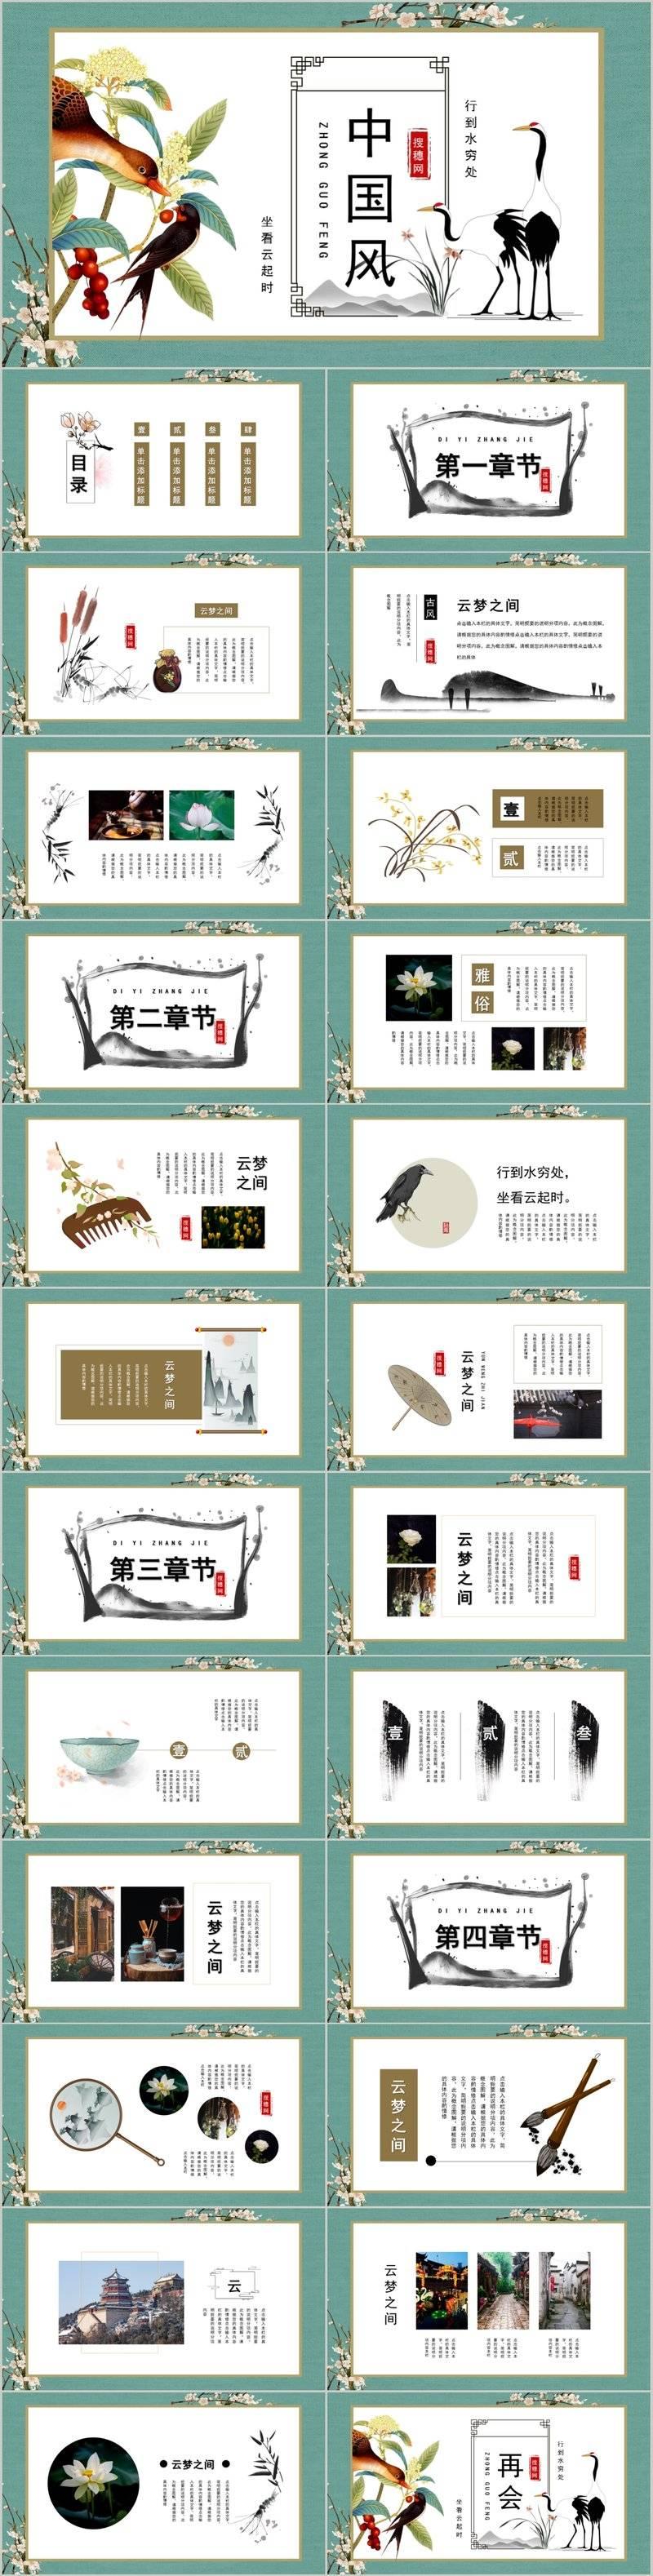 创意经典清新中国古风商务总结教育课件通用PPT模板